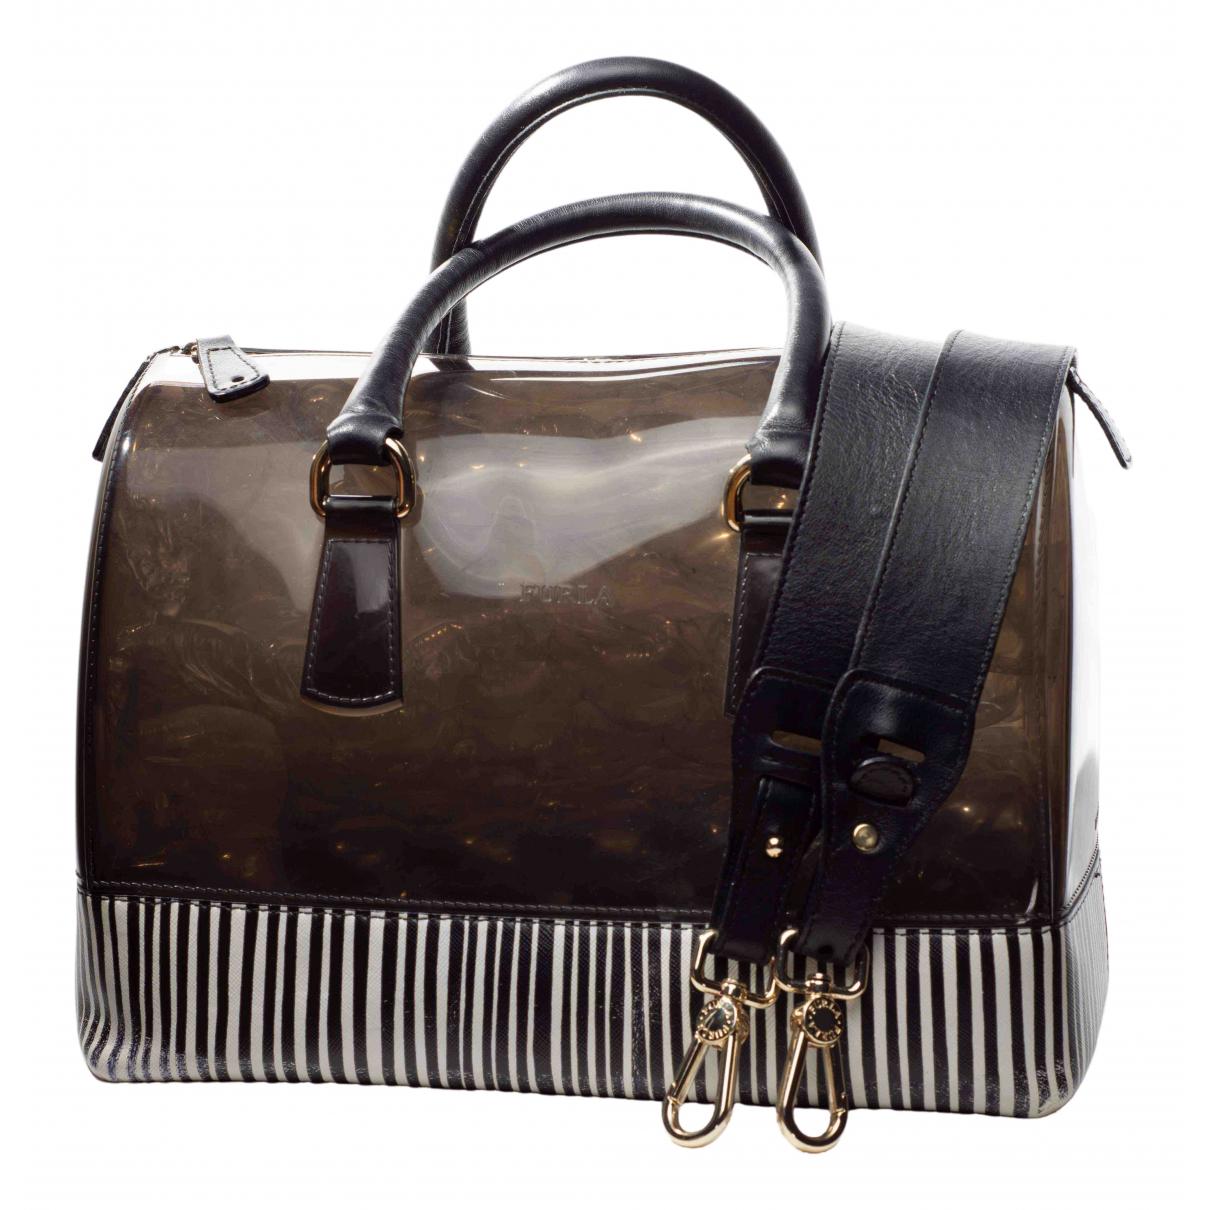 Furla Candy Bag Handtasche in  Schwarz Kunststoff